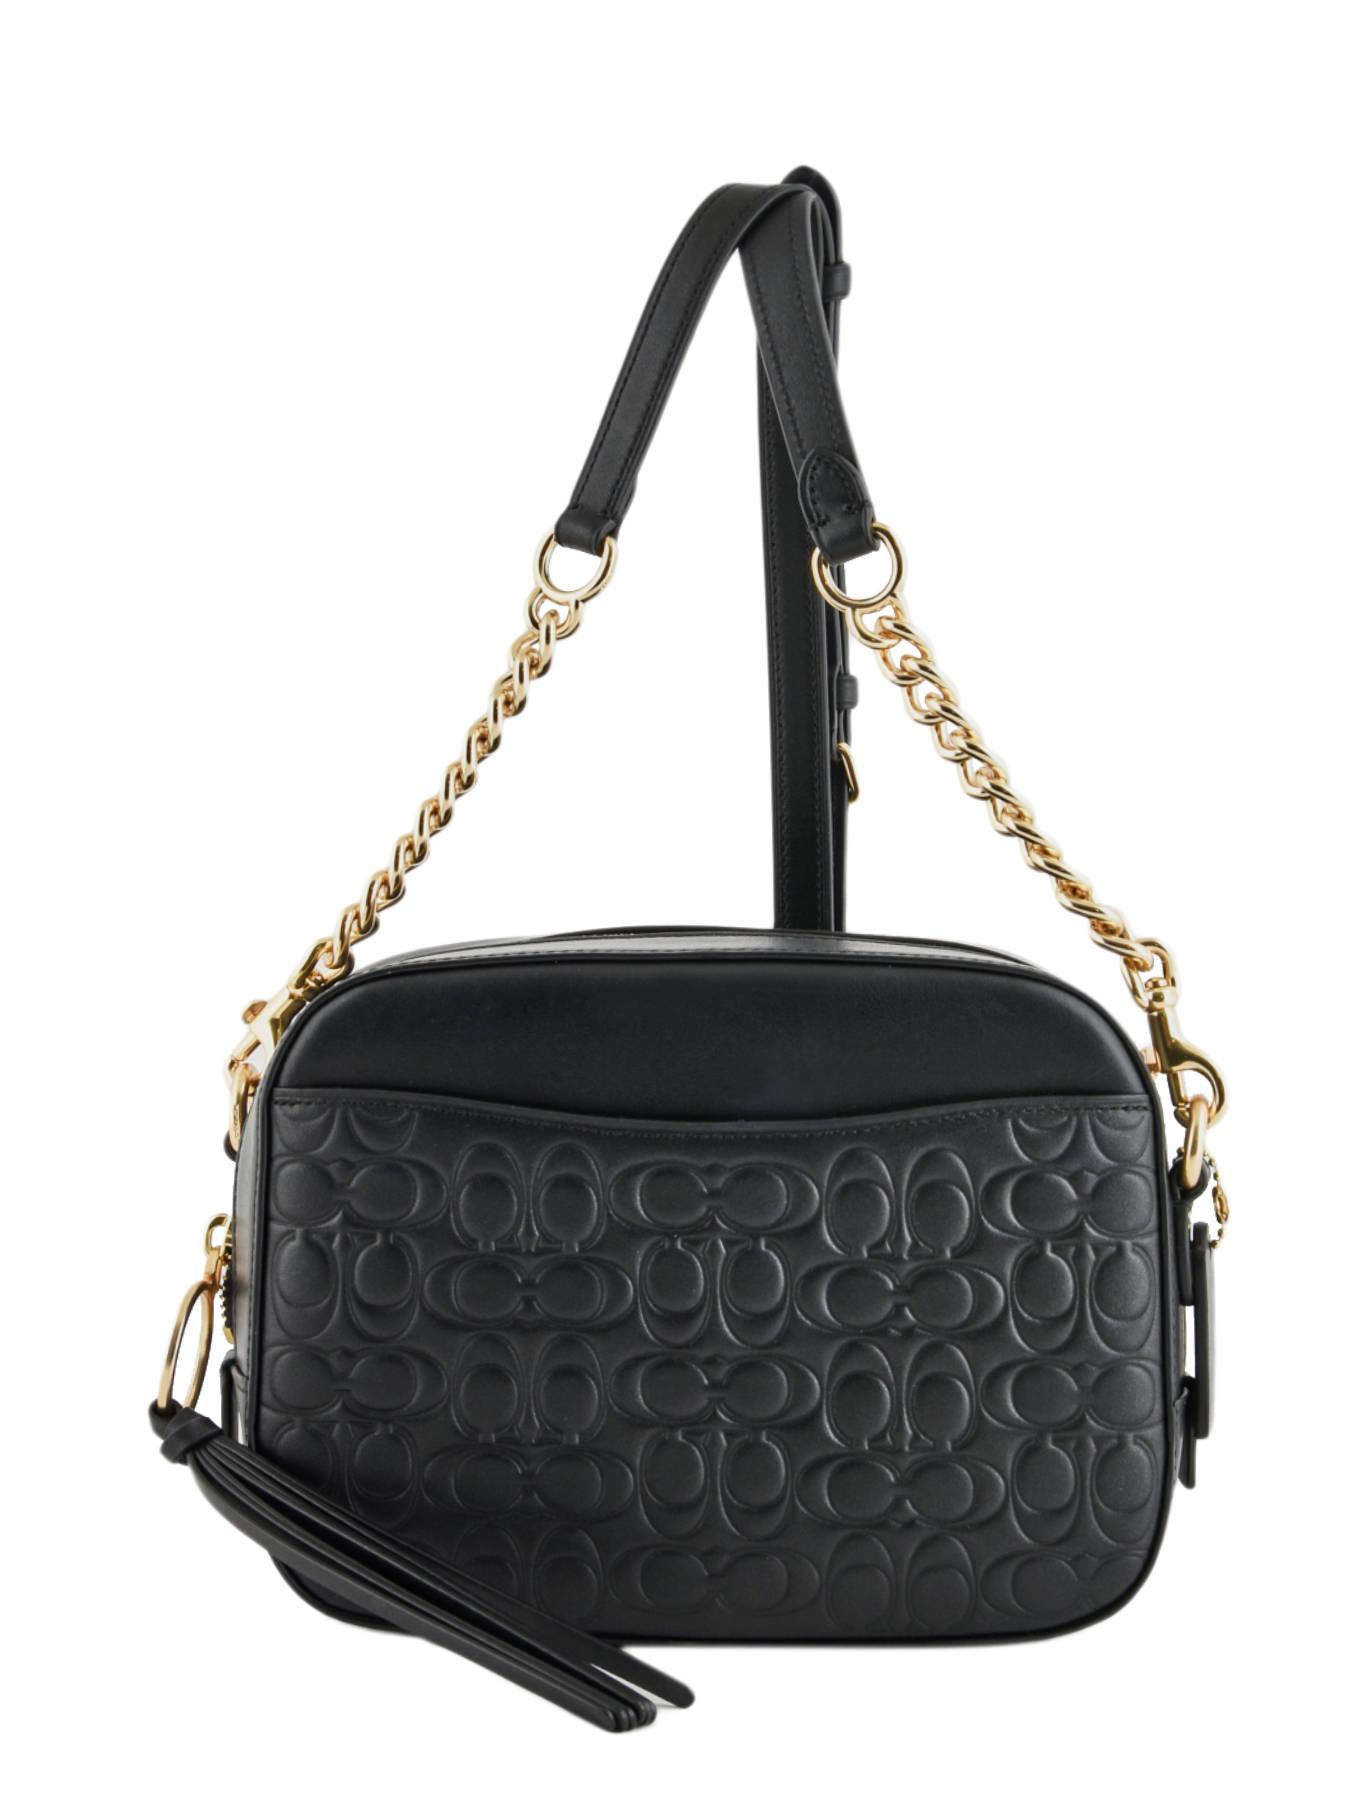 65b743e8a3 ... Shoulder Bag Camera Bag Leather Coach Black camera bag 39184 ...